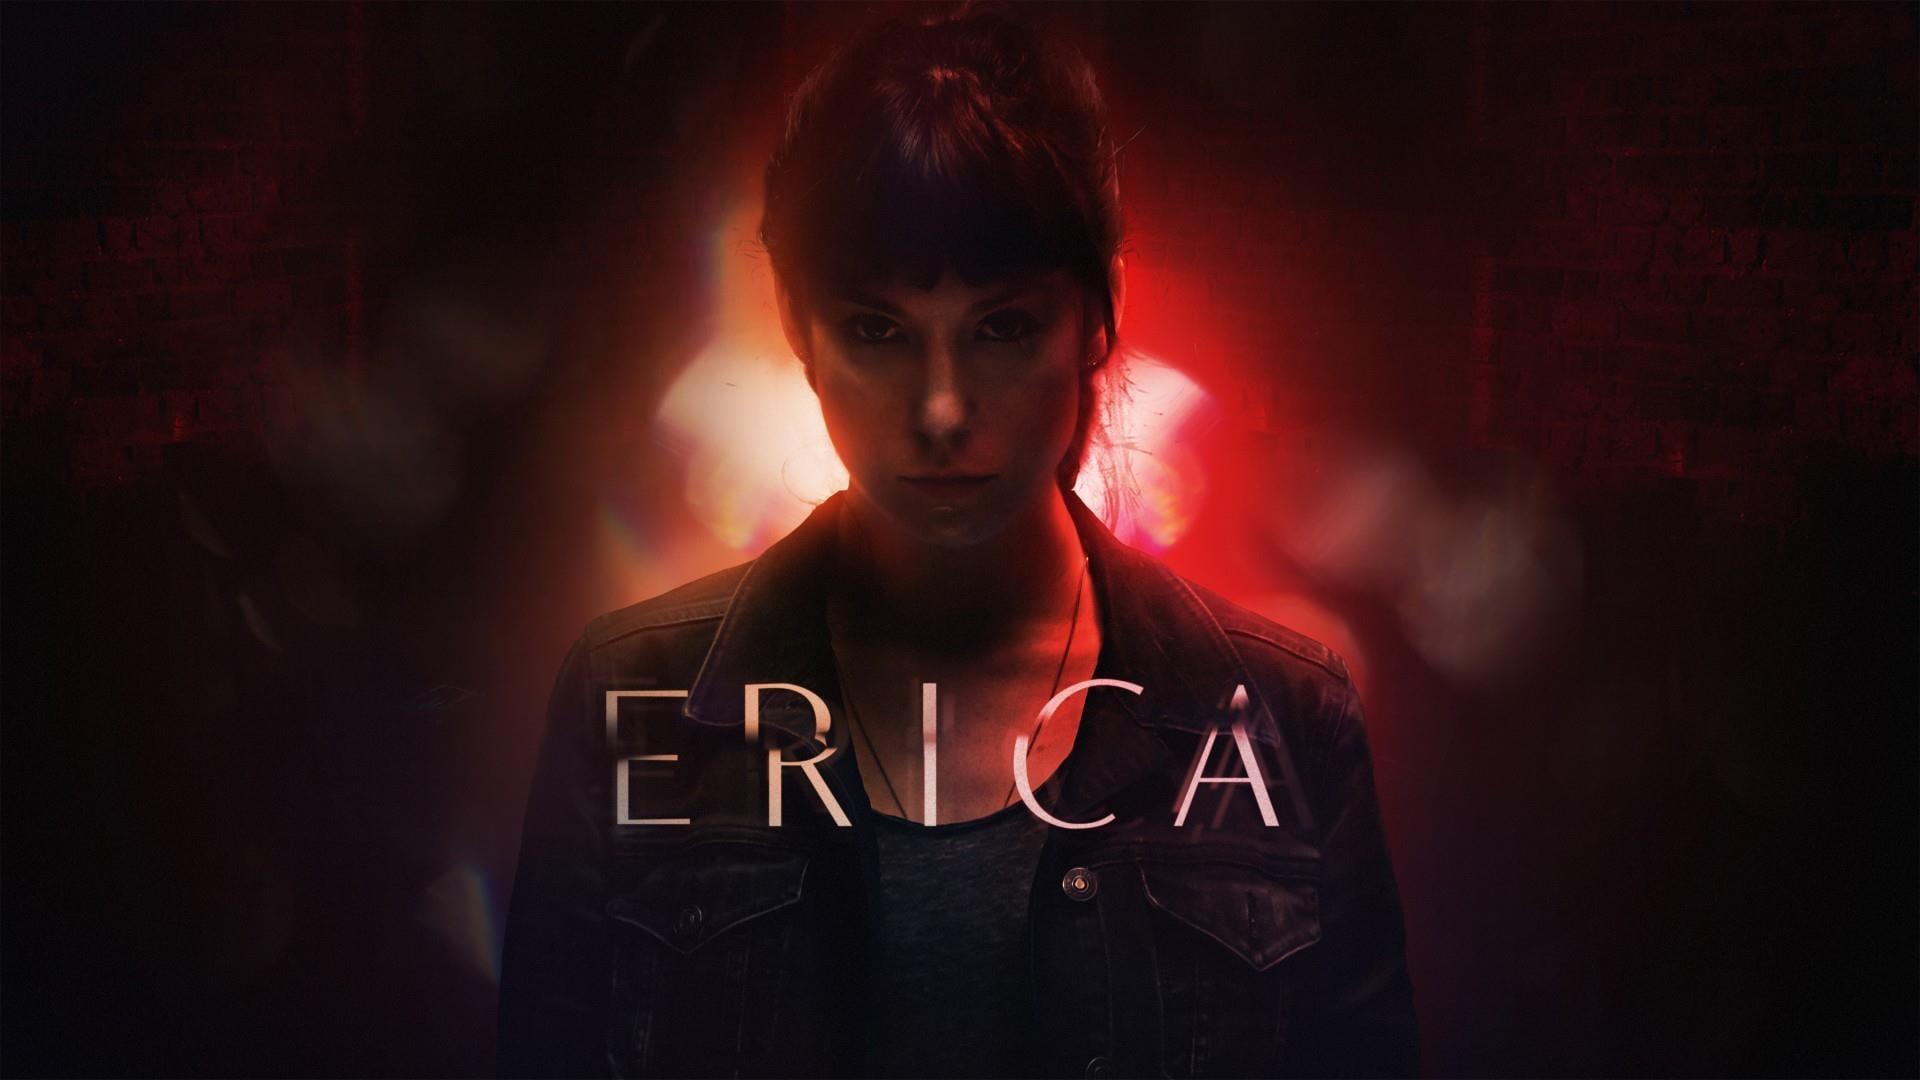 لیست تروفیهای بازی Erica منتشر شد